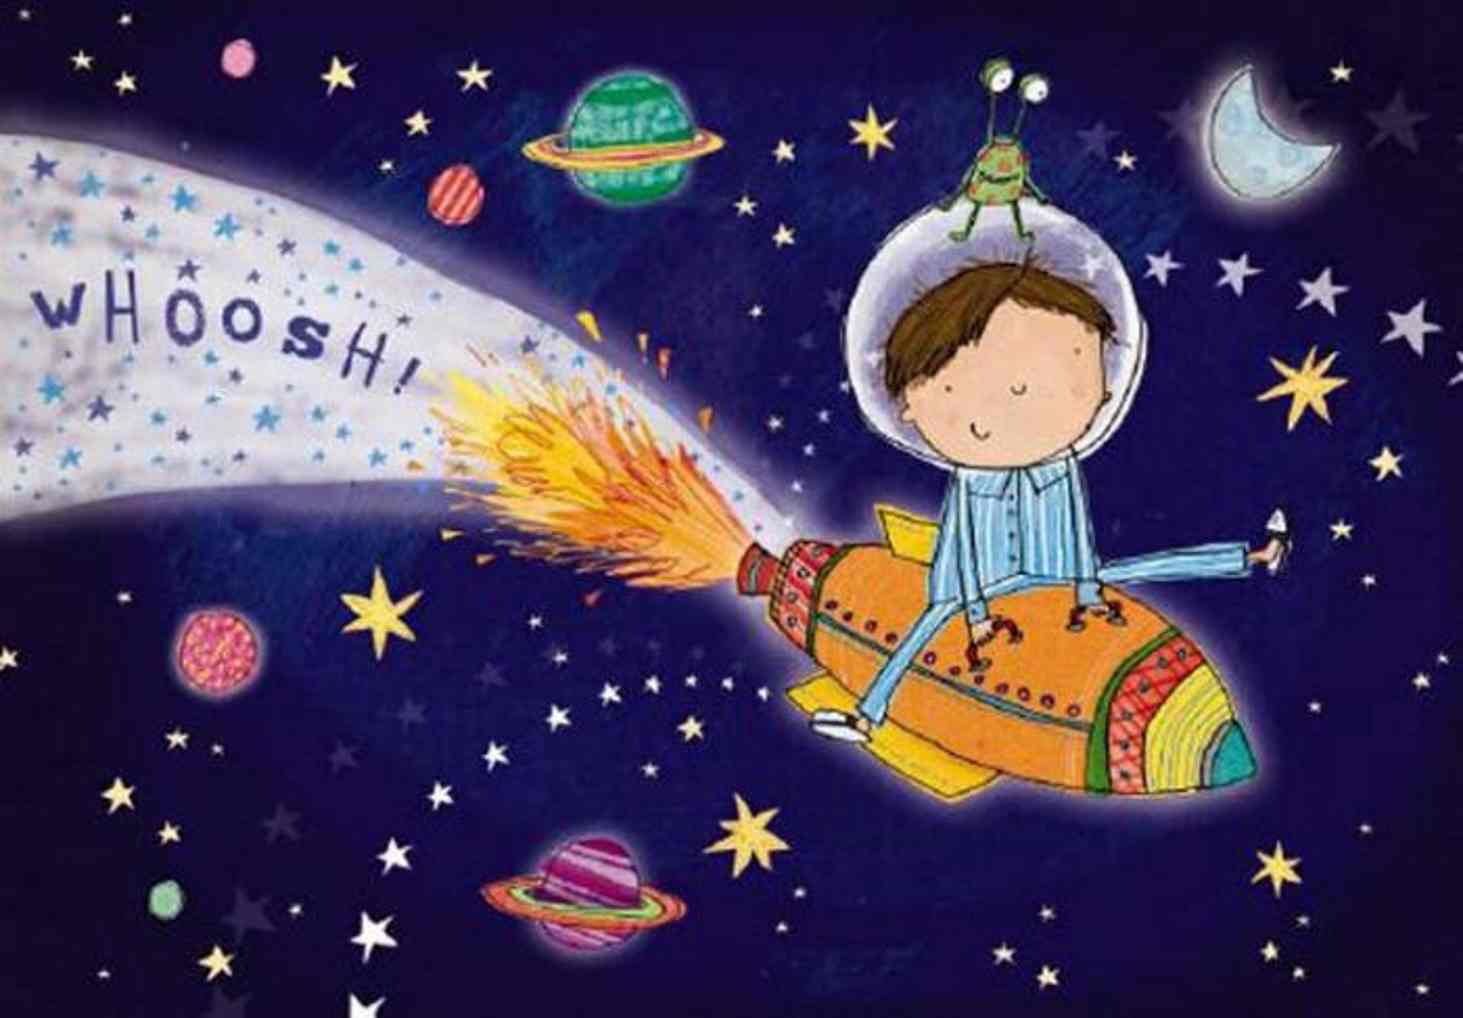 kak-moskovskaya-shkola-pomogaet-razvitiyu-astronomii-i-kosmonavtiki-i-daet-putevku-v-zhizn-dazhe-samym-mladshim-uchenikam